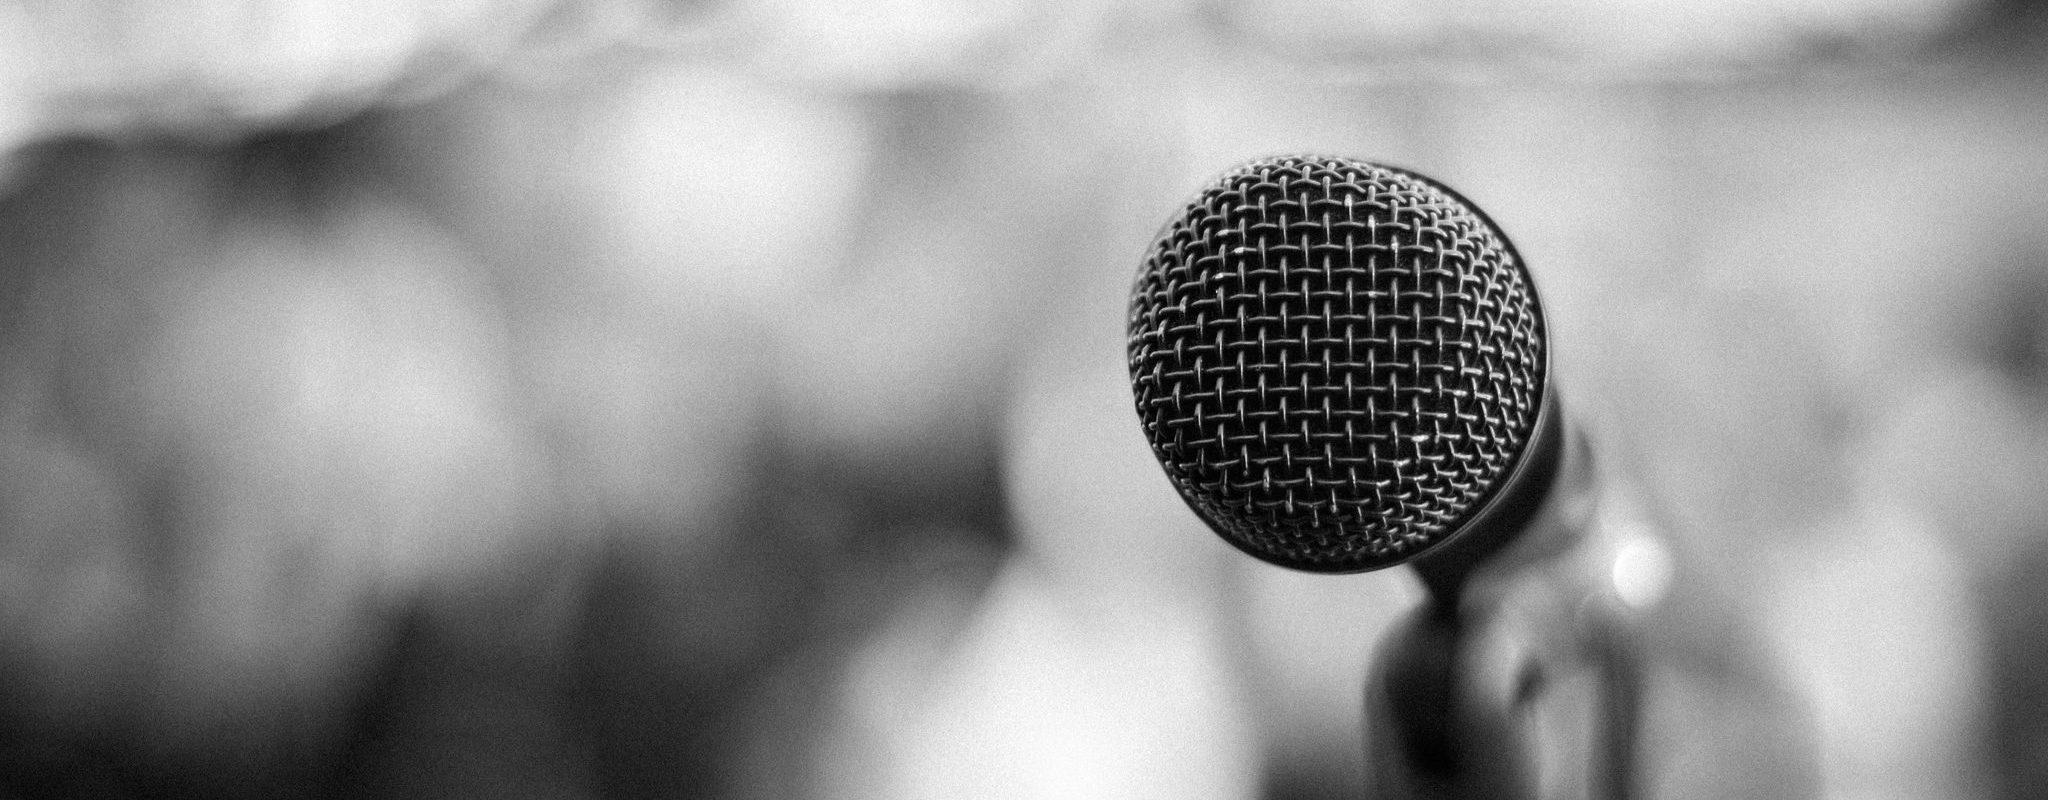 Le séisme Deaf Rock dans le monde de la musique à Strasbourg